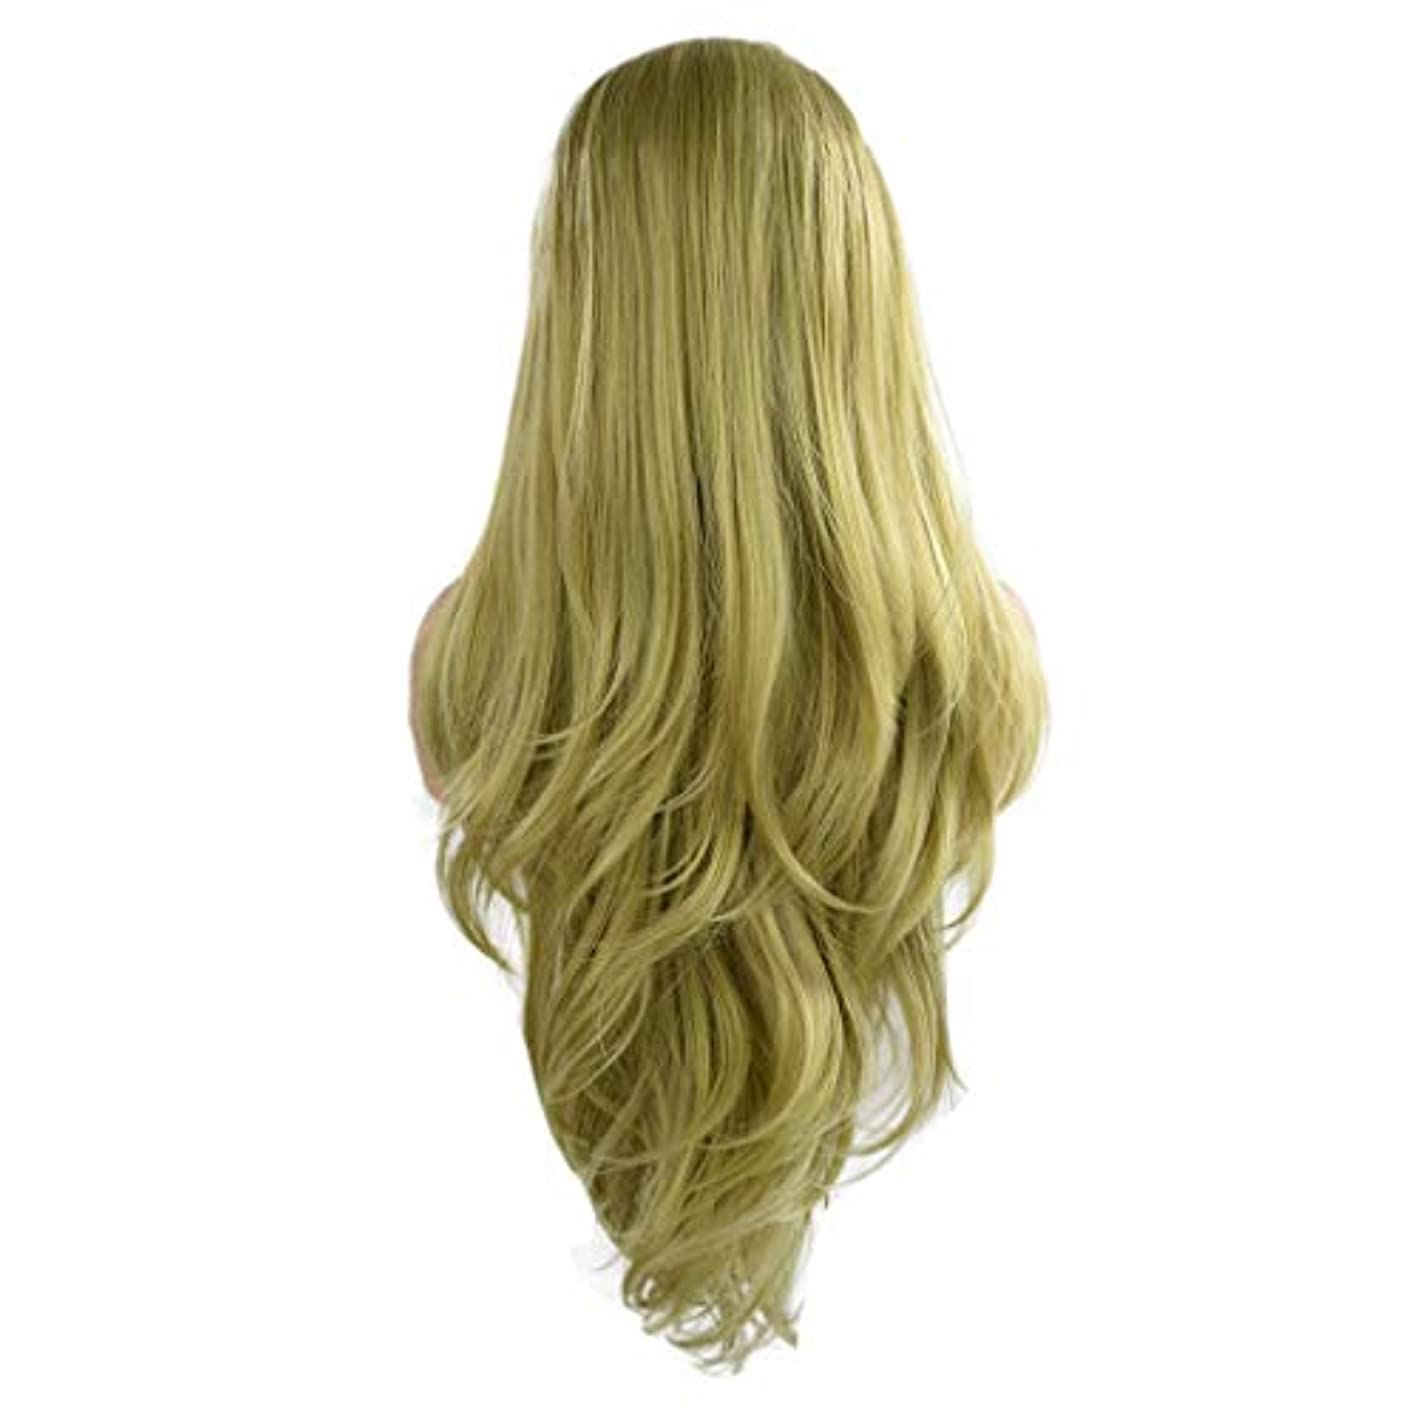 交流するシリングアトラス女性の緑の長い巻き毛のフロントレースかつらファッションポップかつら24インチかつら